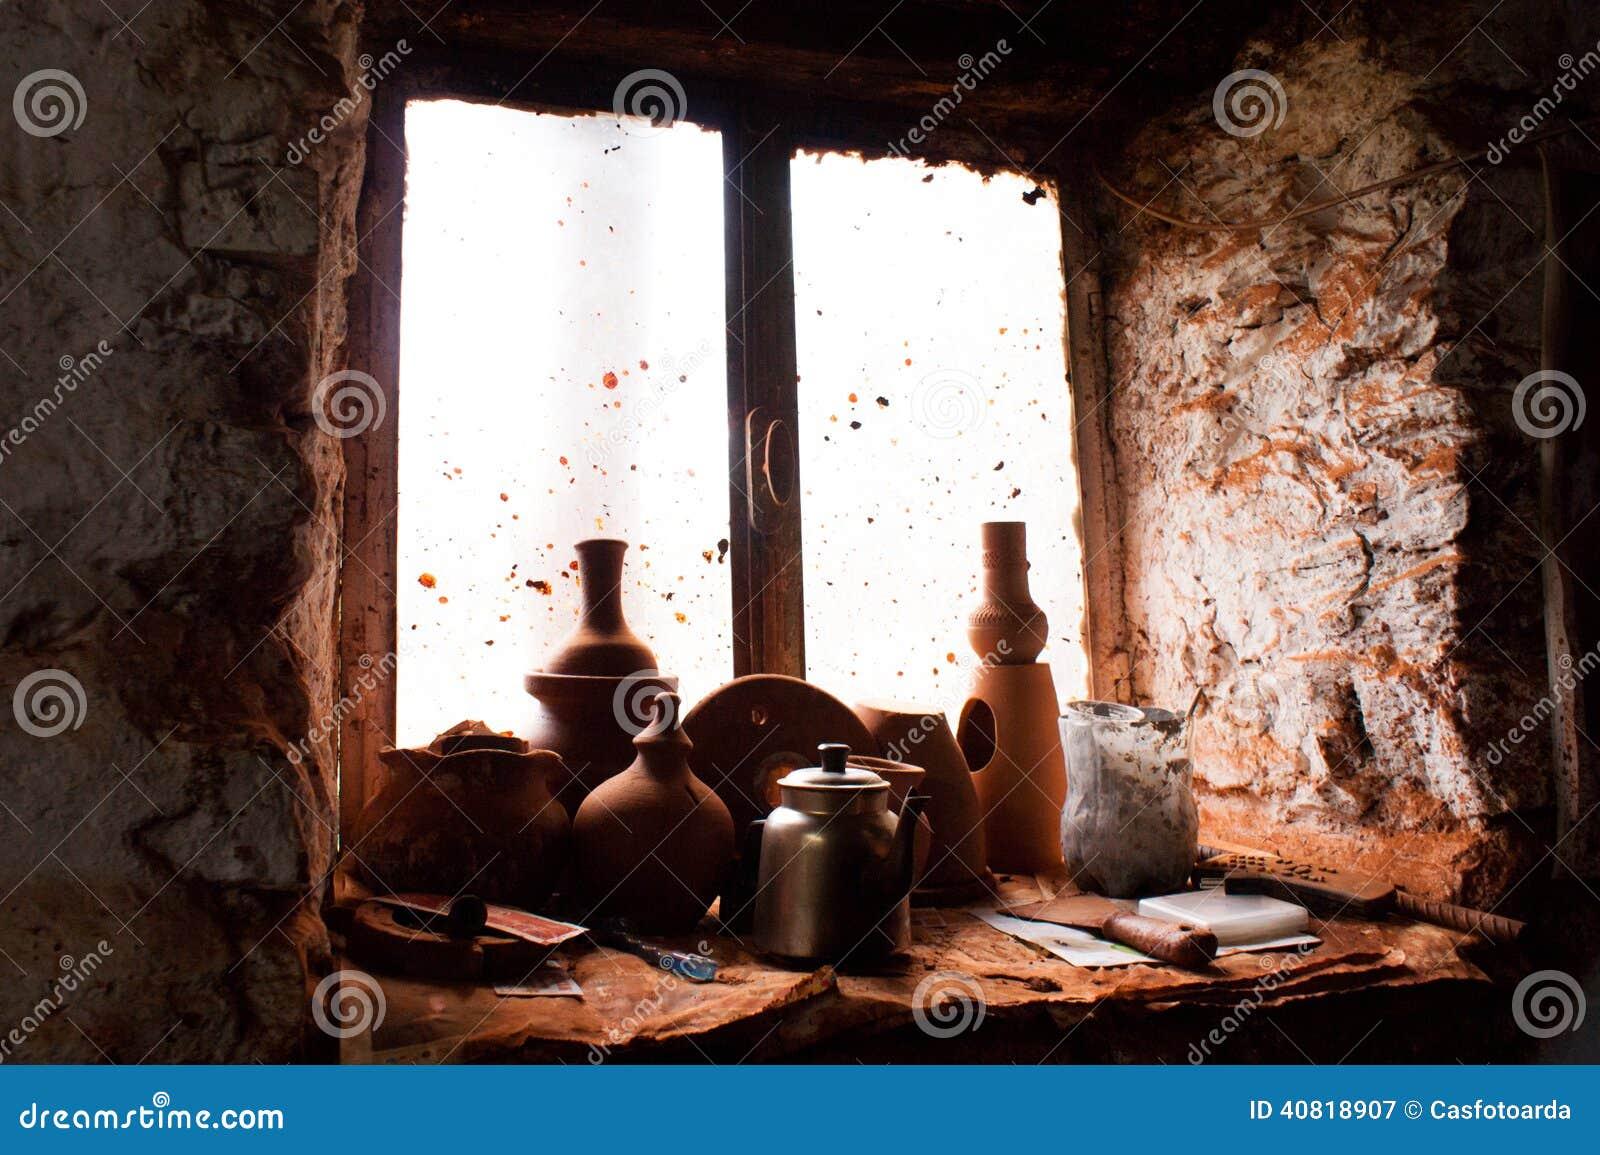 Coisas cerâmicas em uma janela